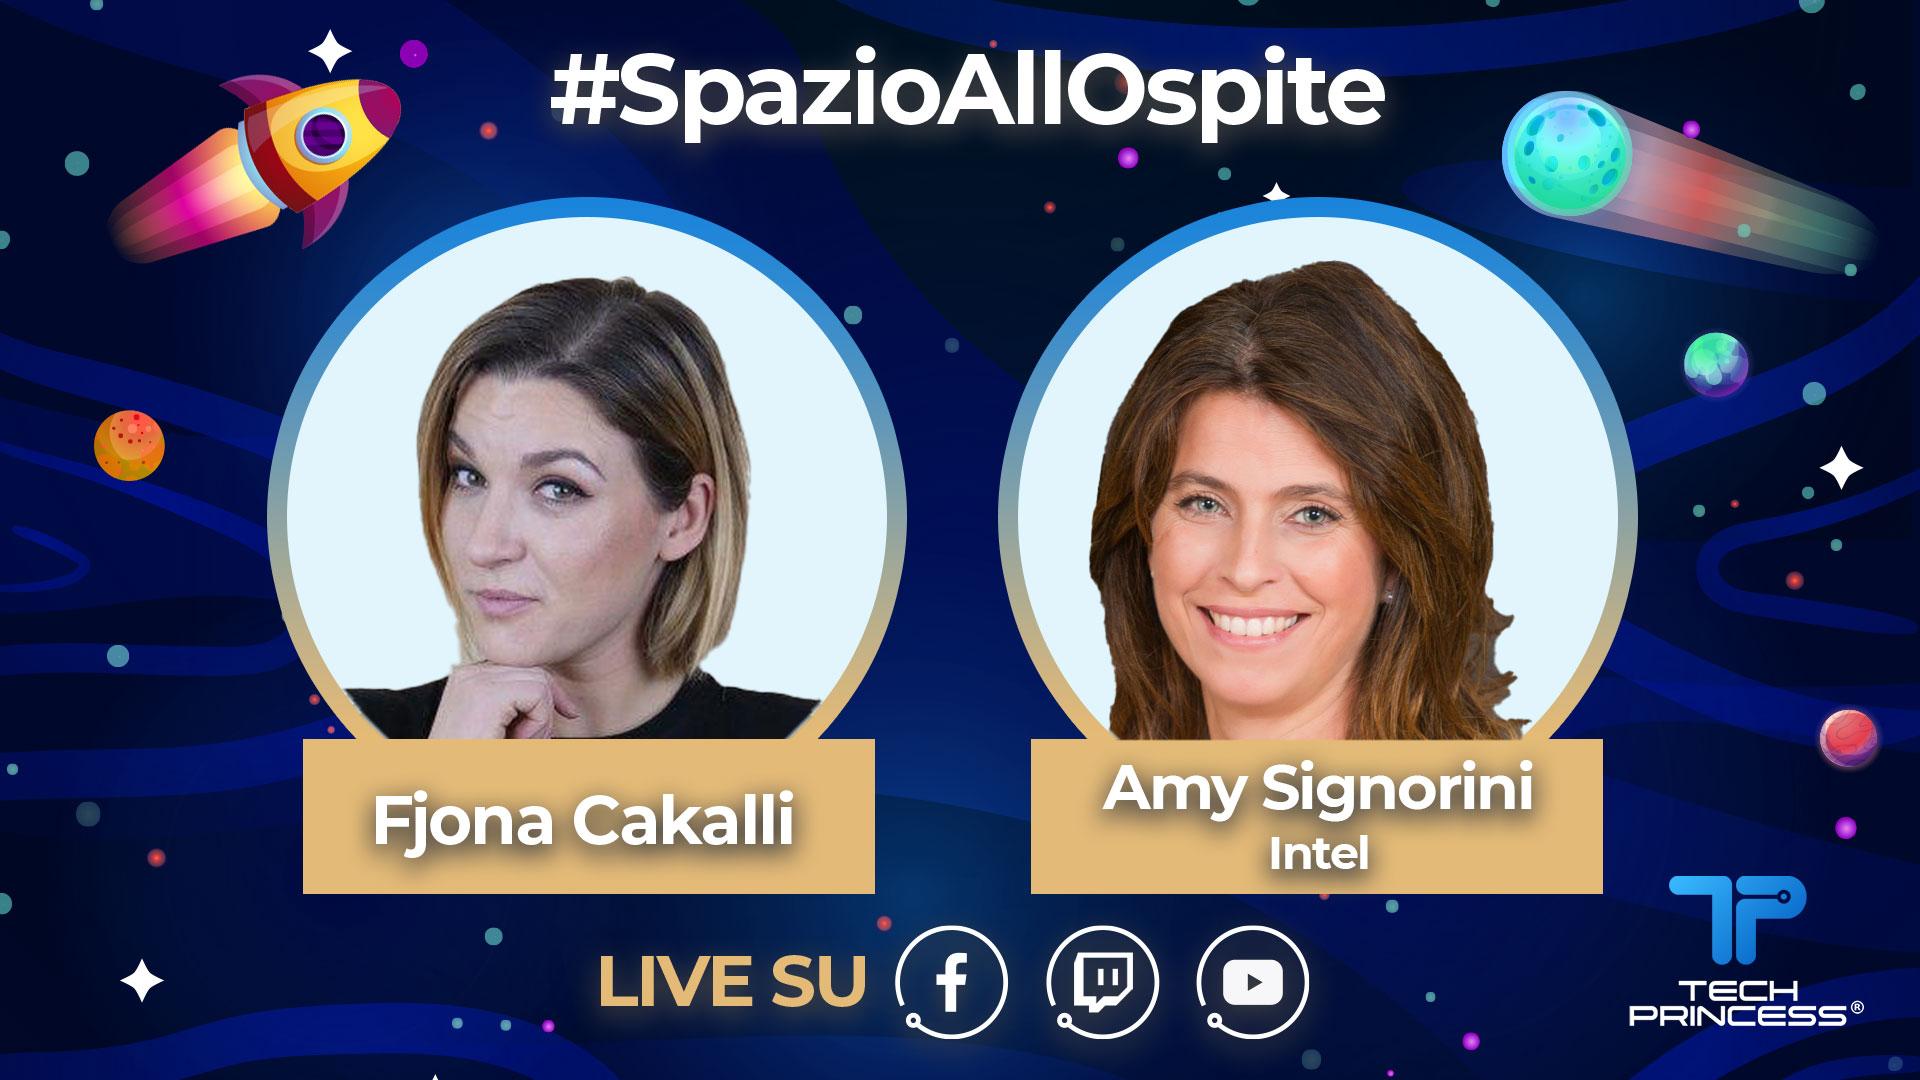 Amy Signorini, Intel: intervista in diretta giovedì 28 maggio ore 18.30 | #SpazioAllOspite thumbnail